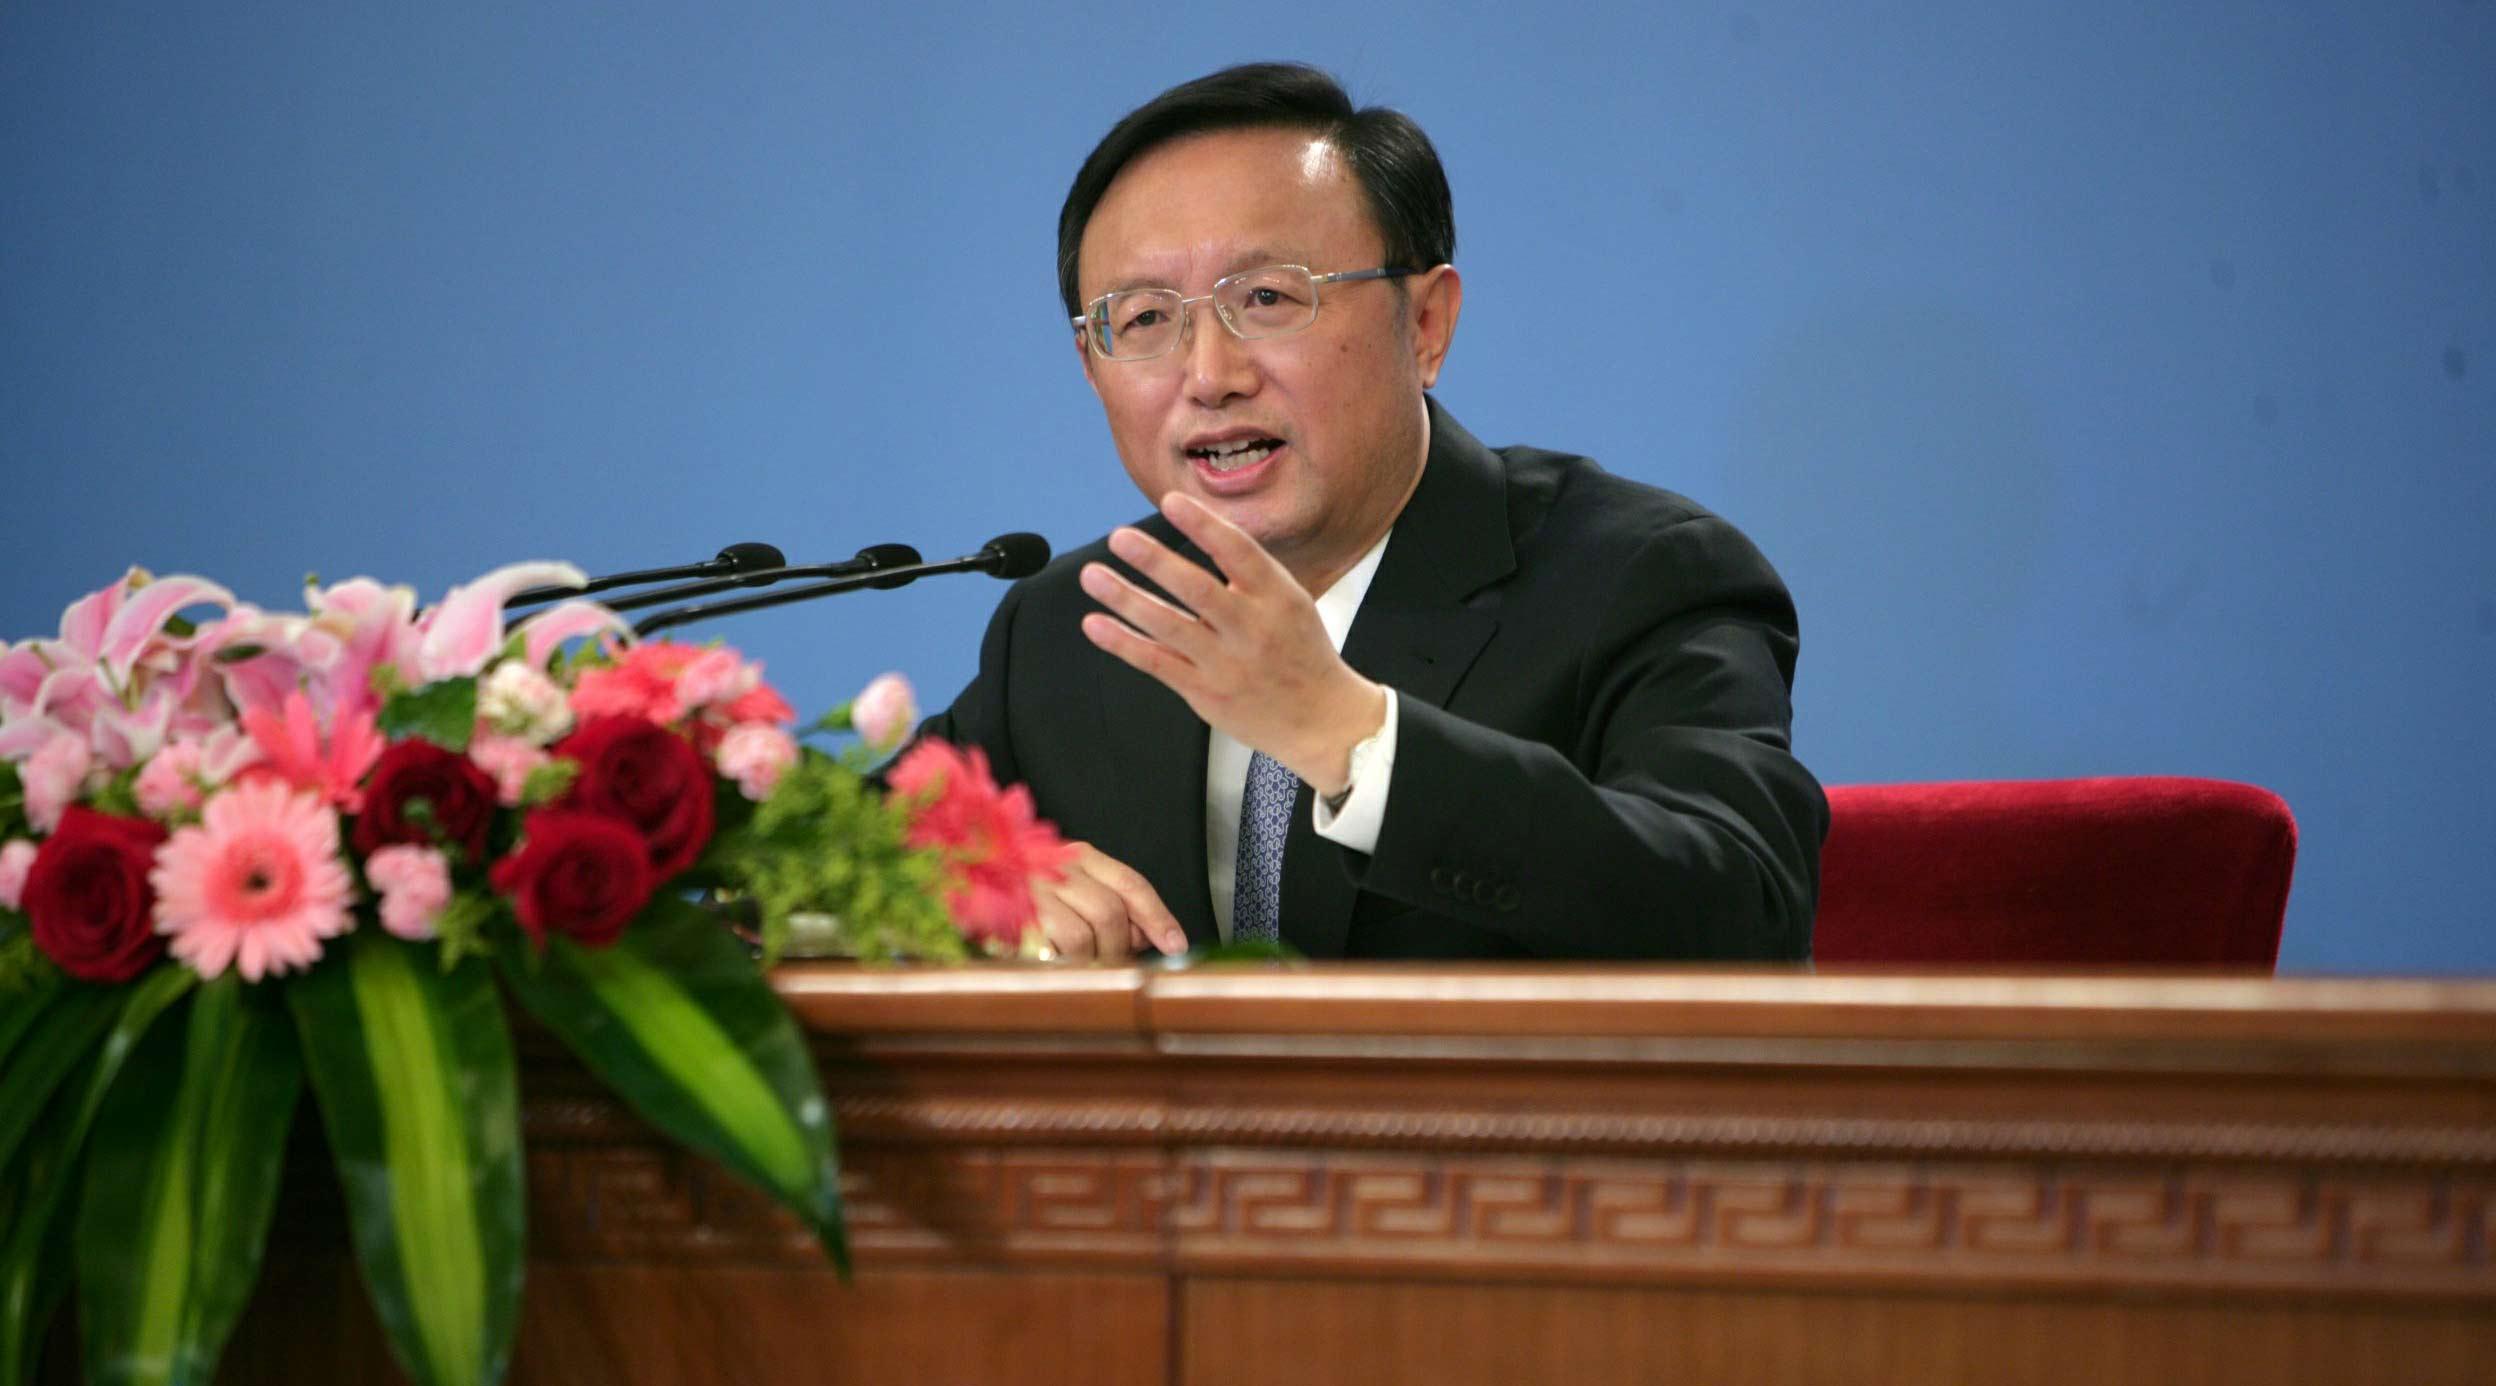 中國的朋友遍天下!9月1日,楊潔篪正式行動,3國對華發出邀請-圖2